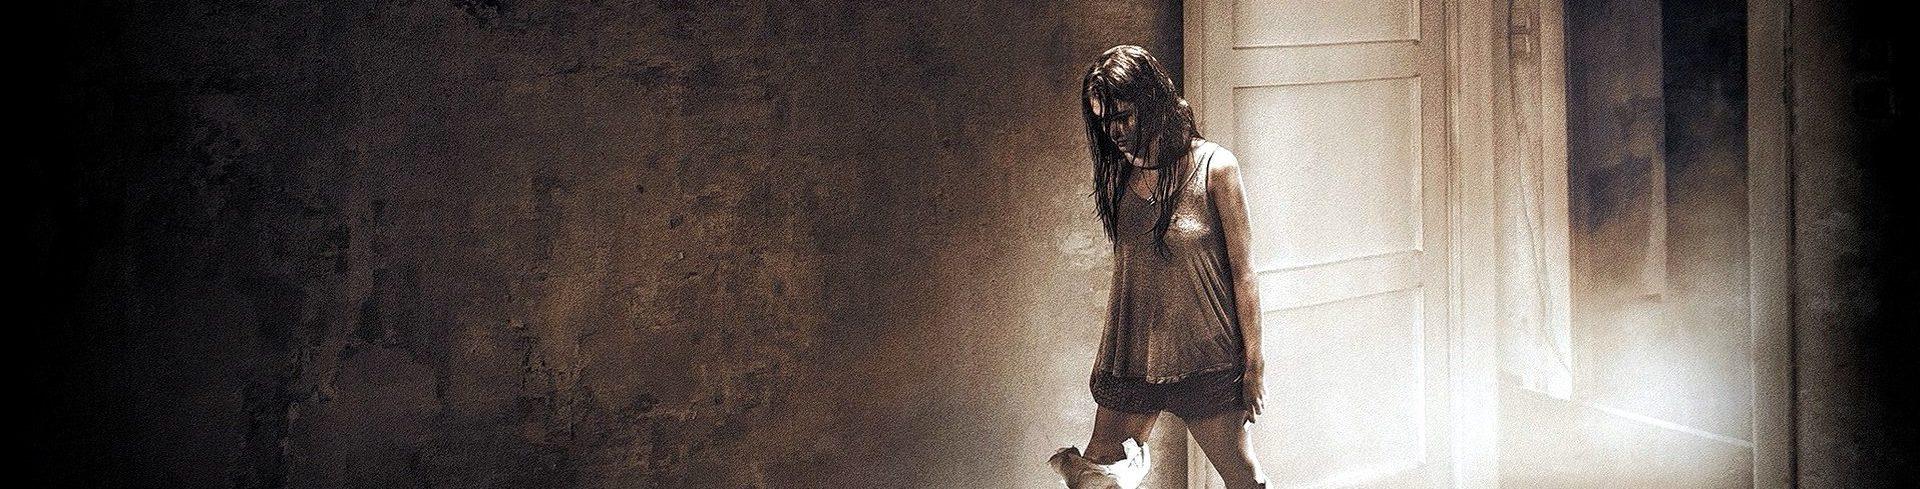 Películas de terror sobrenatural